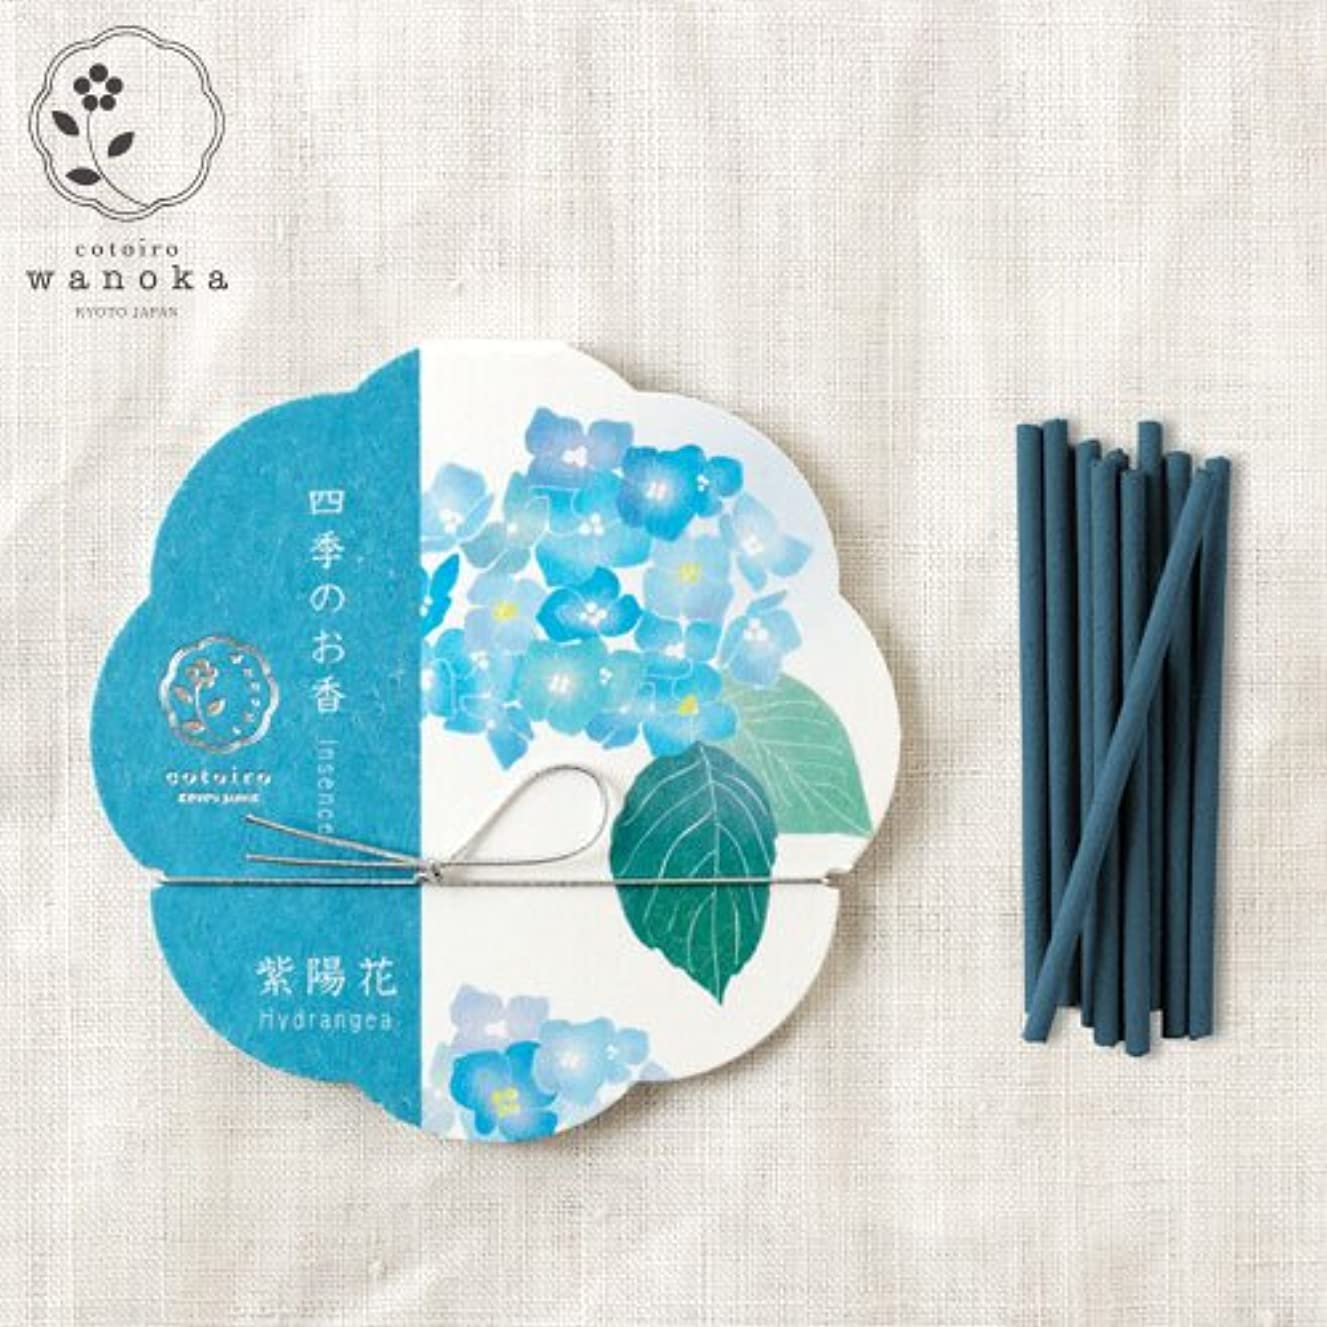 速報ふさわしいかどうかwanoka四季のお香(インセンス)紫陽花《紫陽花をイメージした優しい香り》ART LABIncense stick